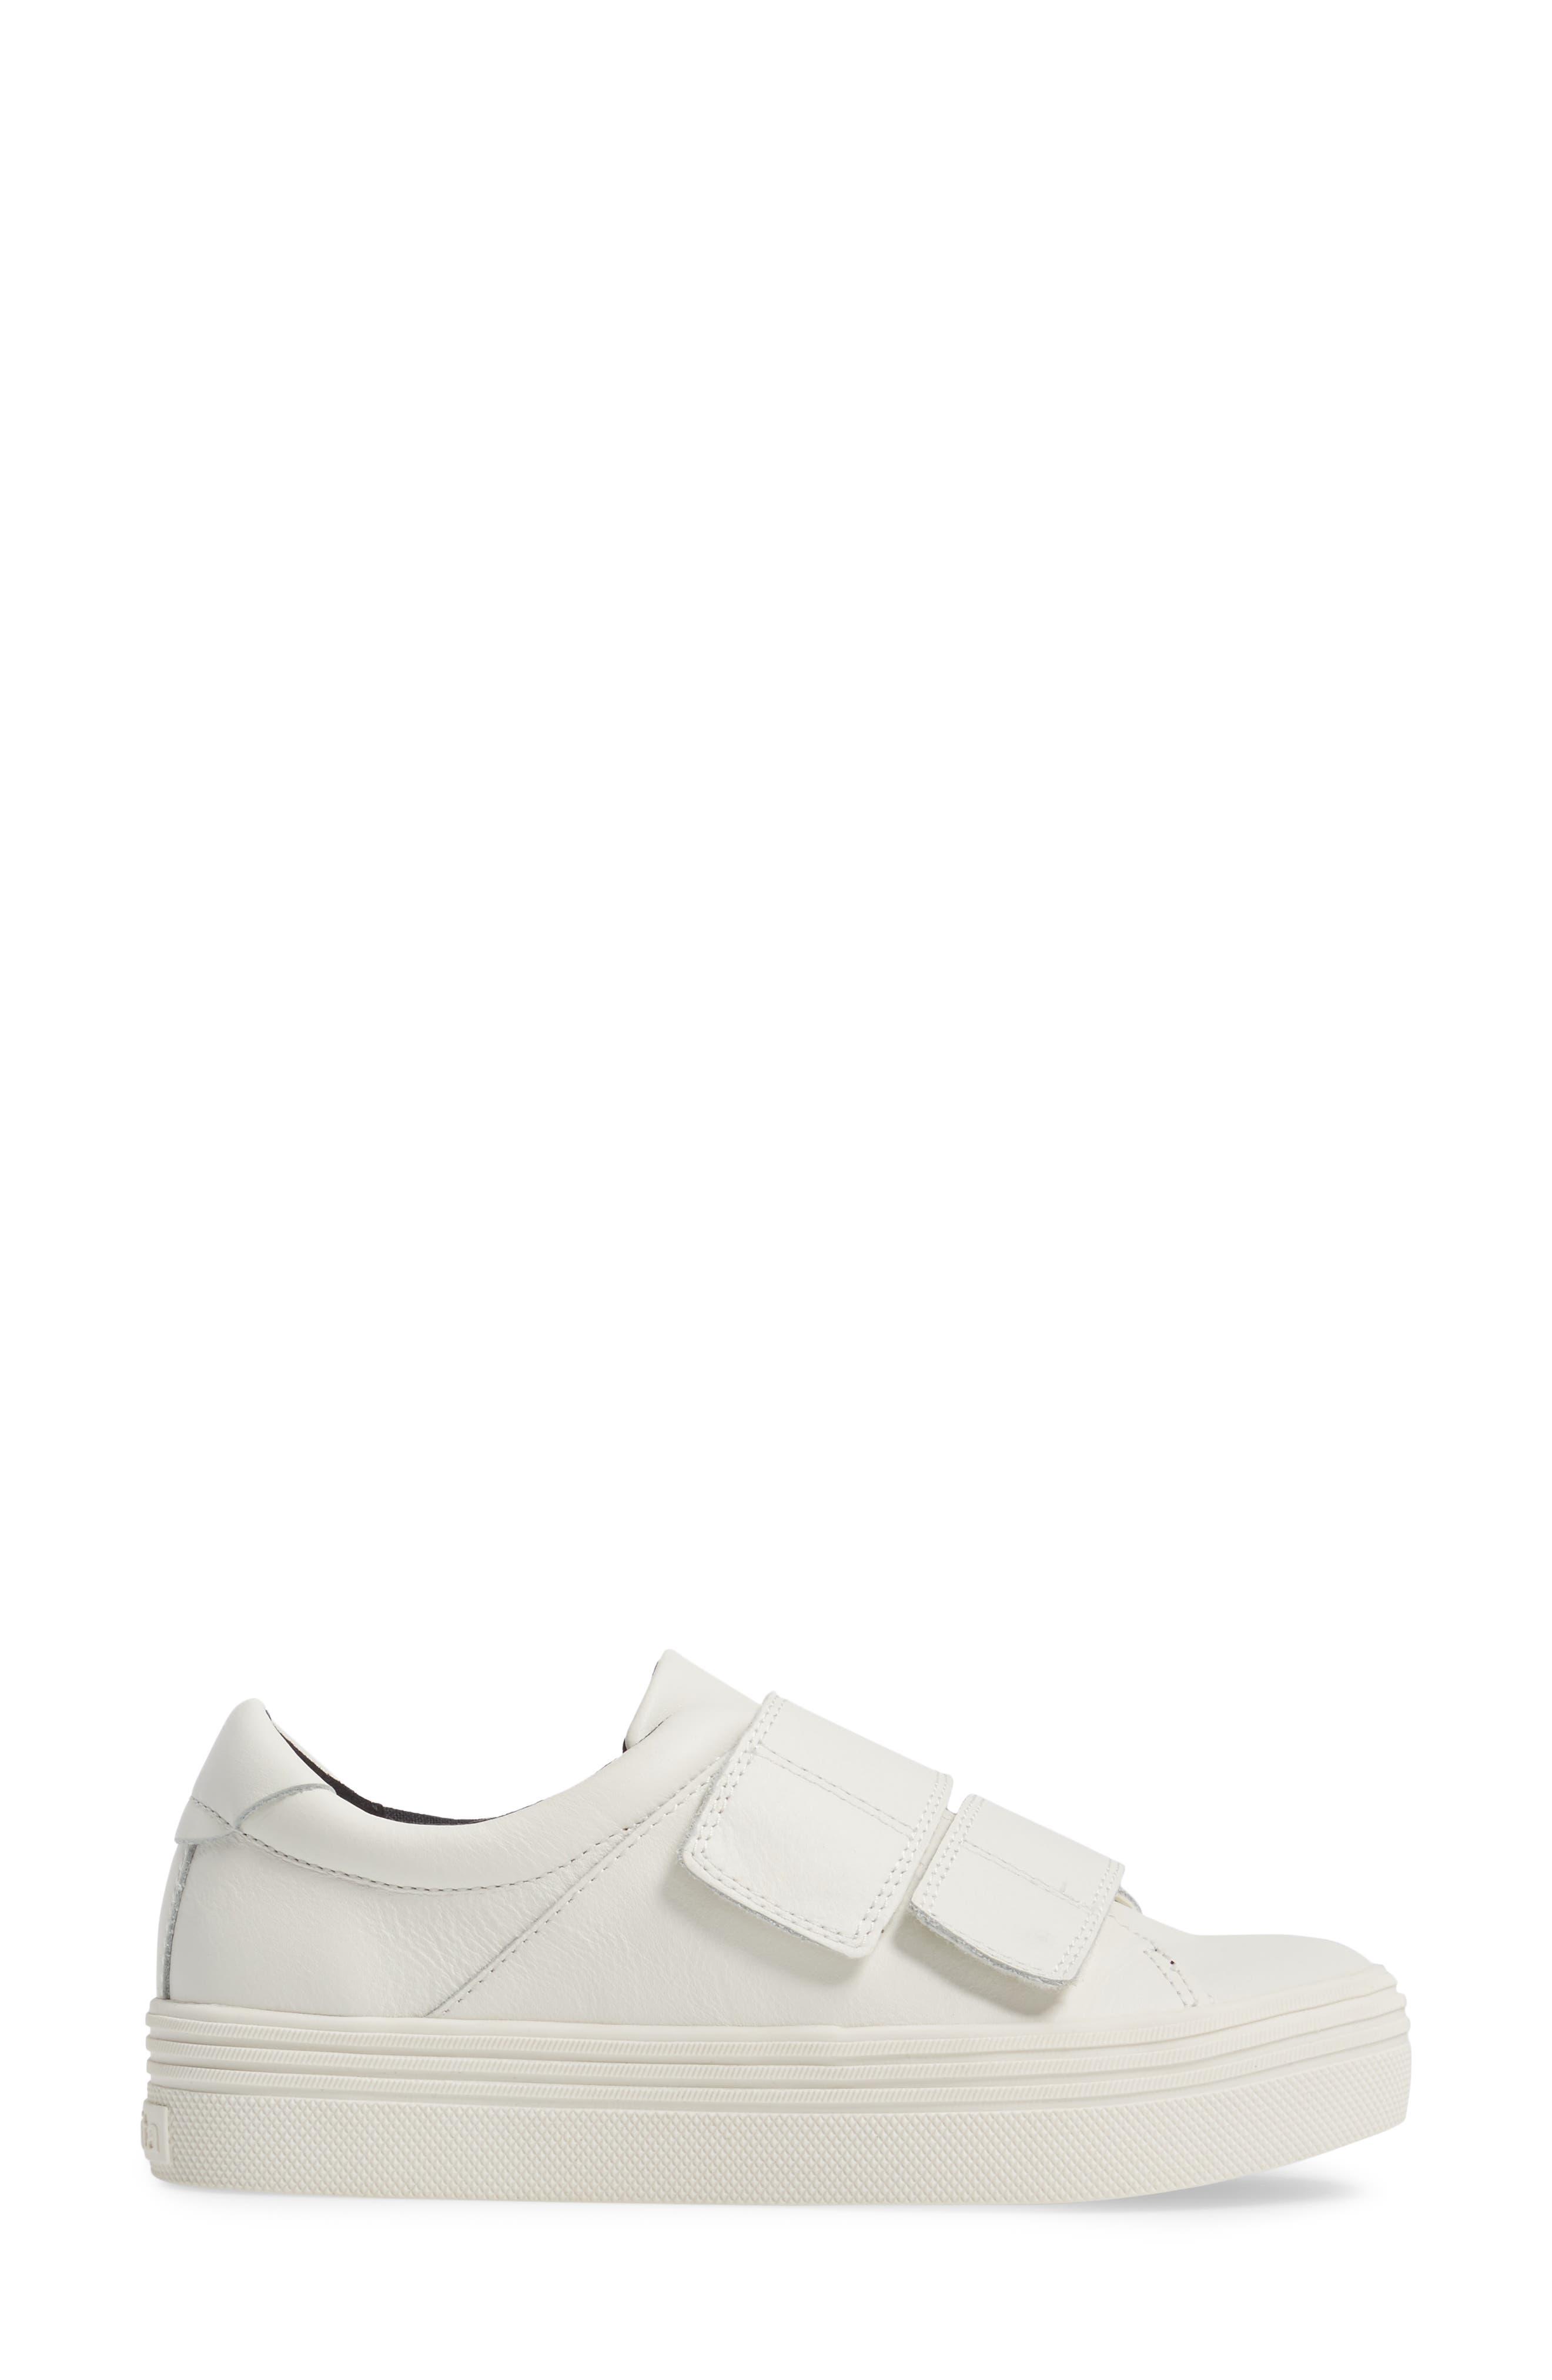 Alternate Image 3  - Dolce Vita Tina Platform Sneaker (Women)